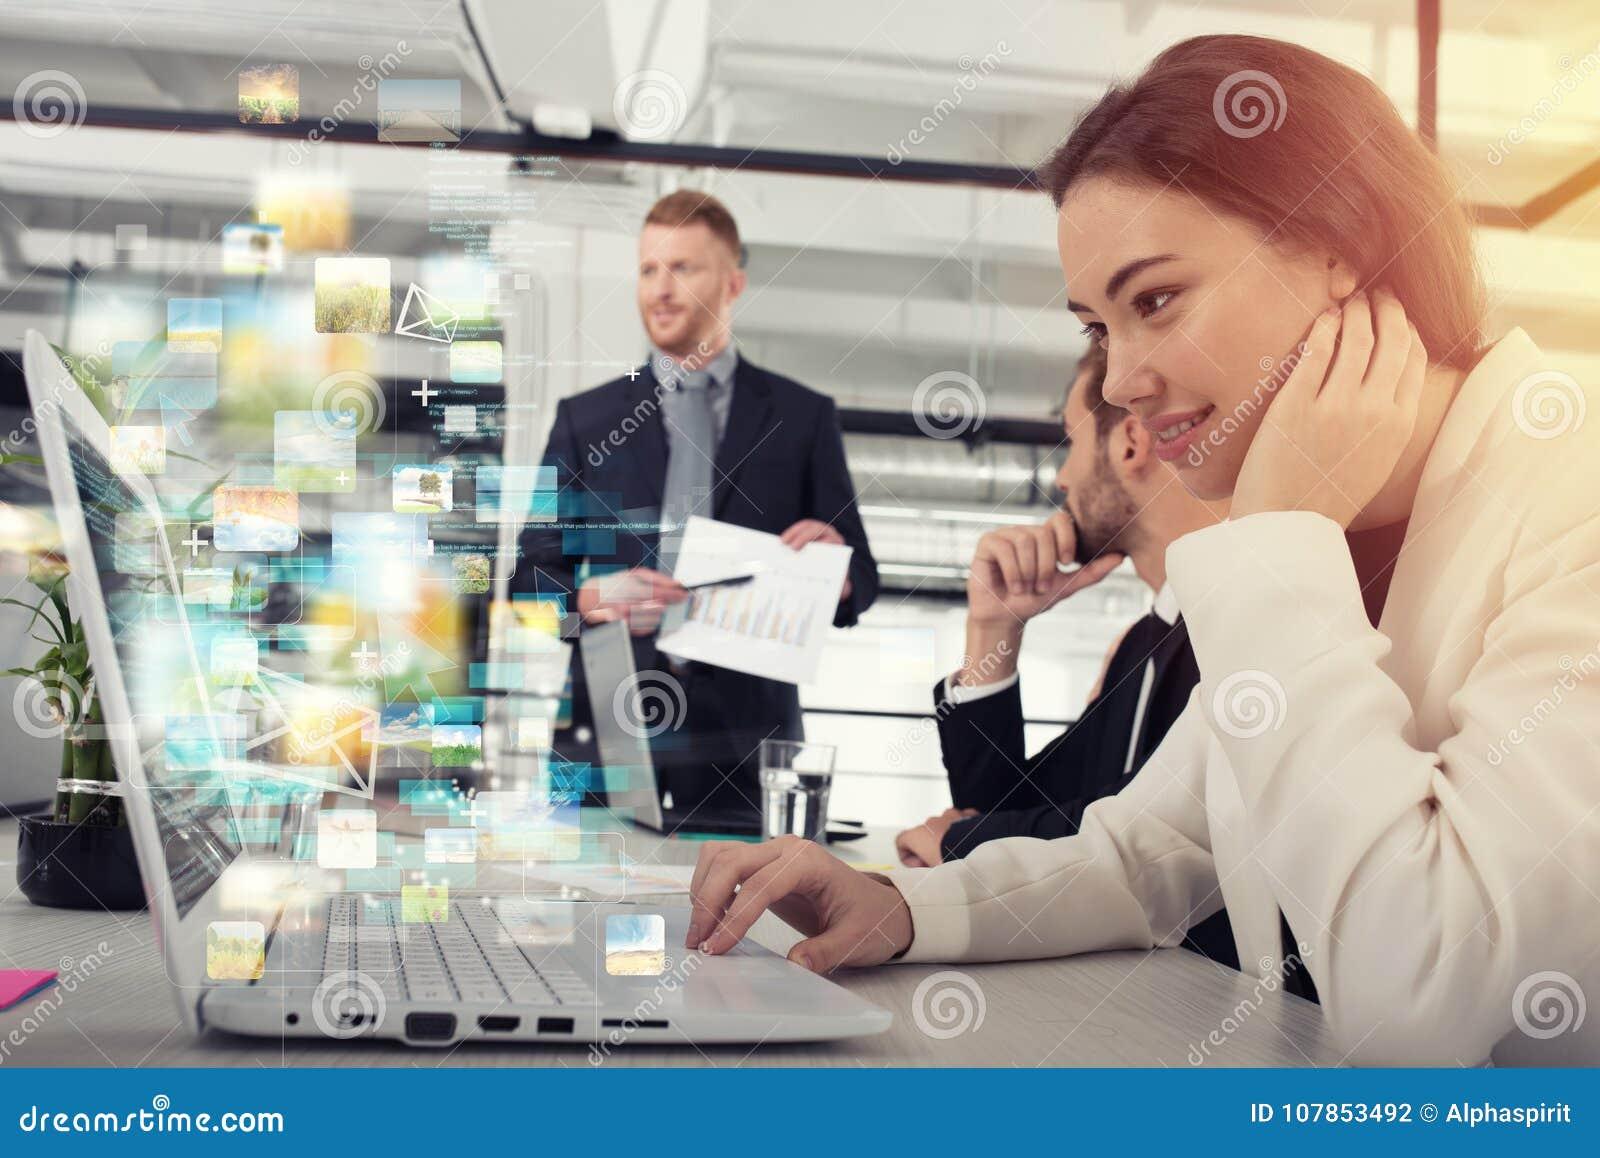 La empresaria comparte el documento en línea con una conexión a internet rápida